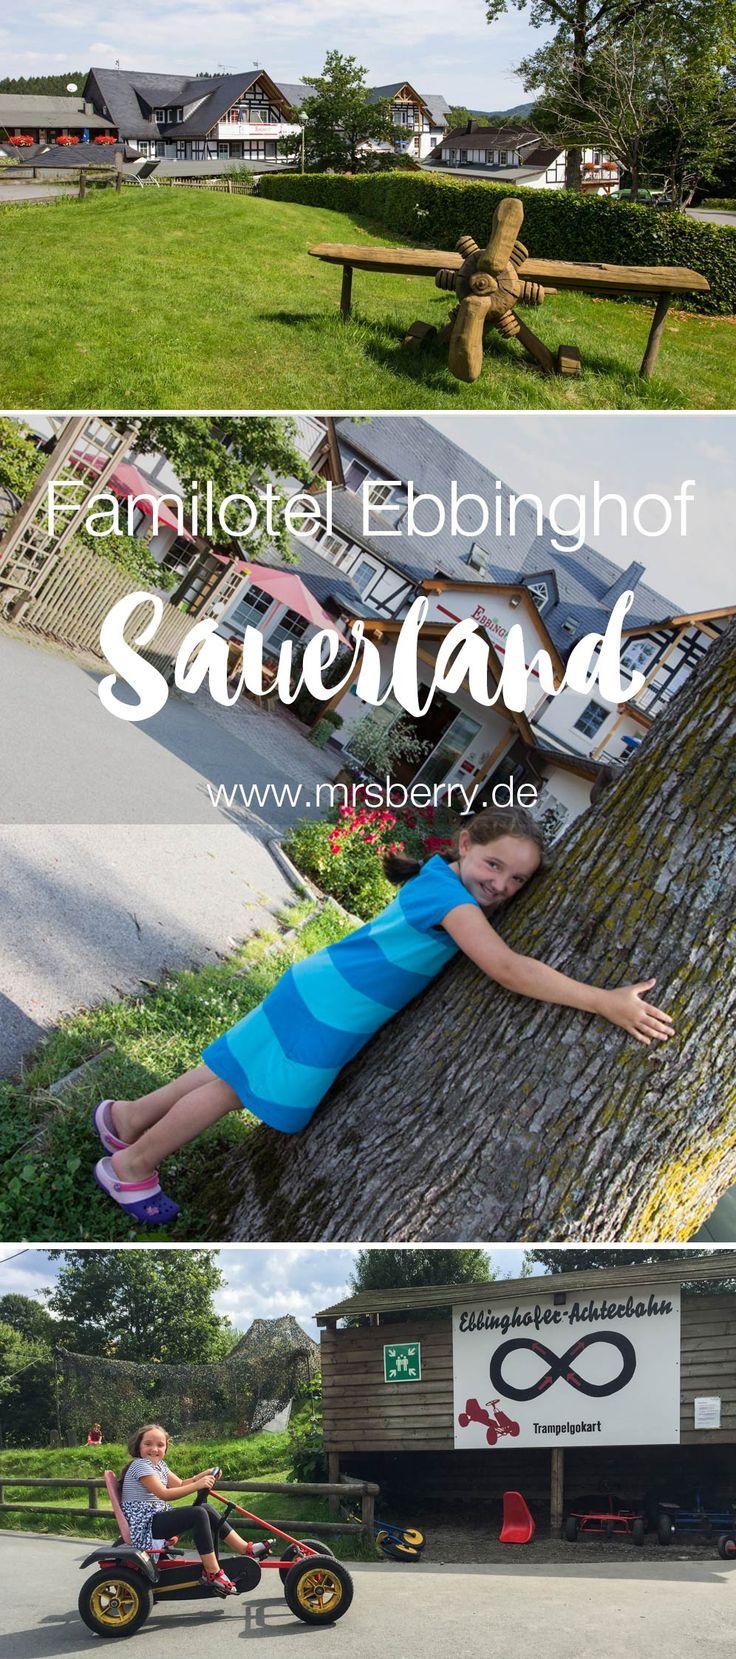 Urlaub mit Kind im Familienhotel (Familotel) Ebbinghof in Schmallenberg im Sauerland - Ein tolles Ausflugsziel für Rheinland Pfalz und Nordrhein Westfahlen (NRW)